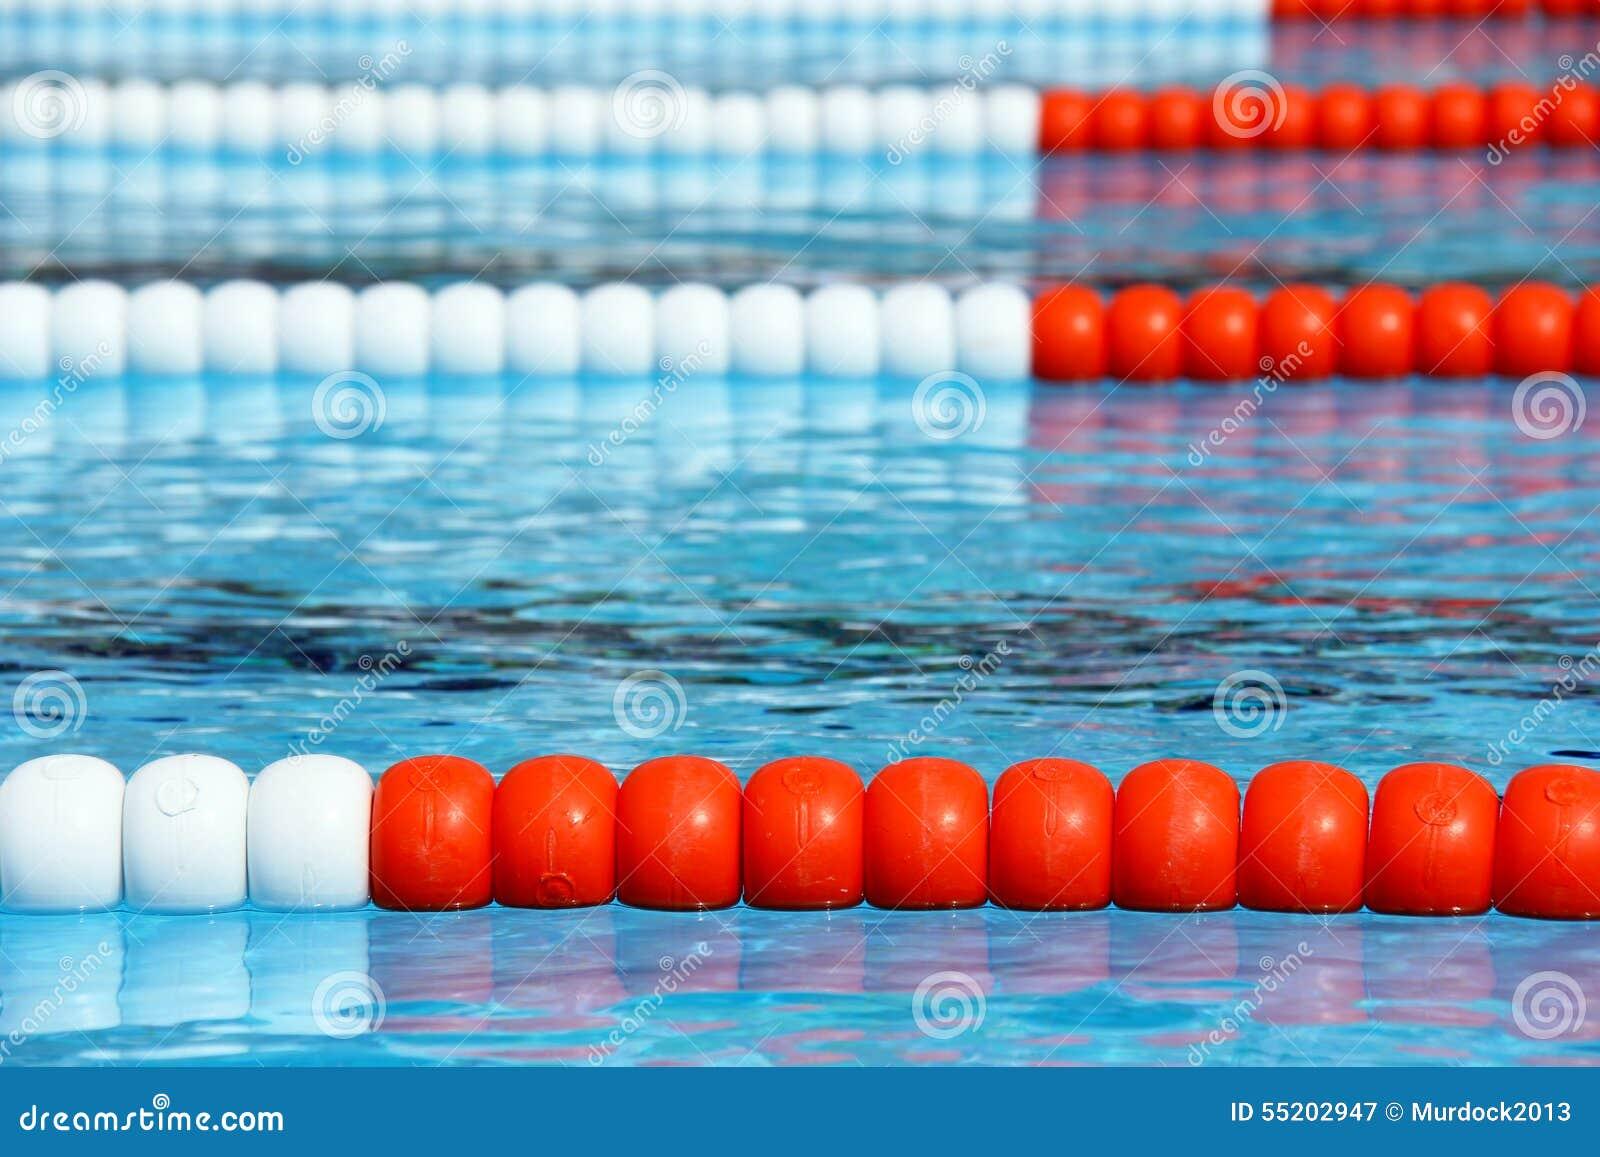 Swimming Pool Lanes Stock Photo Image 55202947